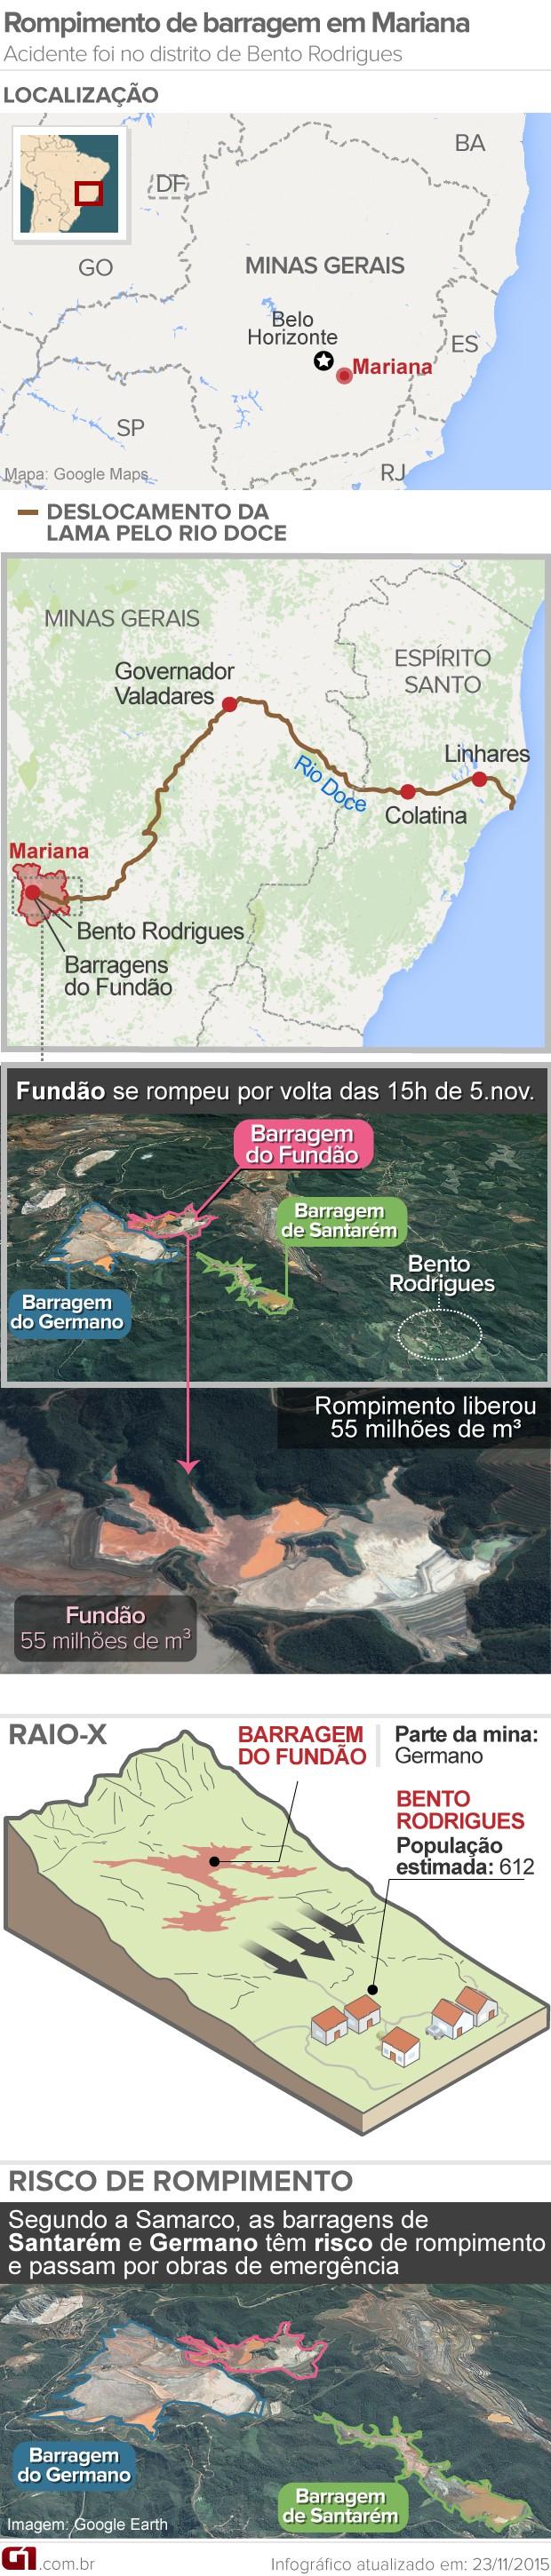 23/11 - Versão infográfico barragens Mariana (Foto: Arte/G1)